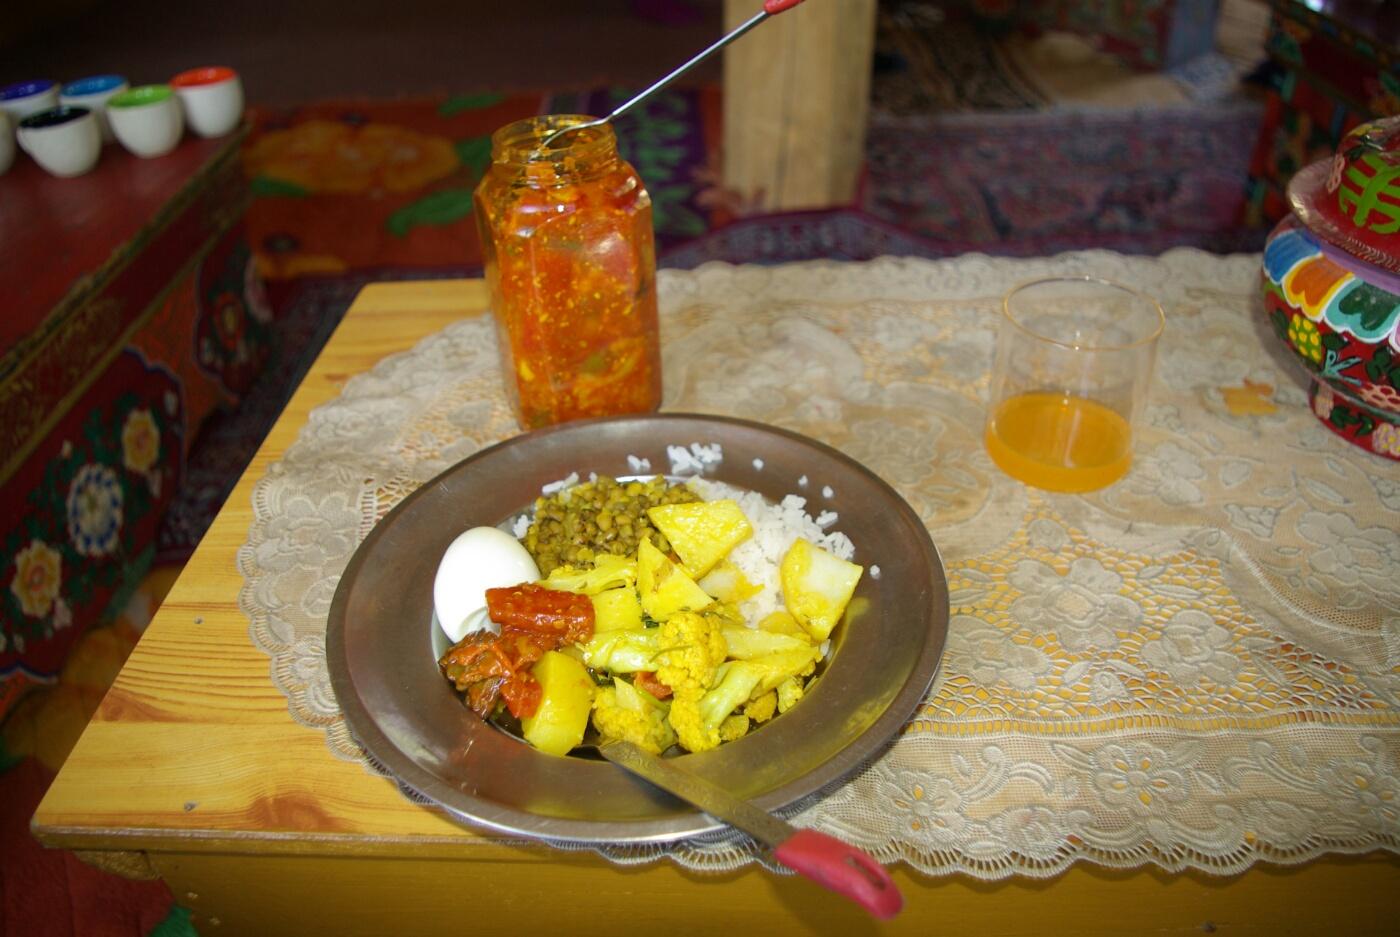 Amchi: Reis, Linsen, gekochtes und eingelegtes Gemüse